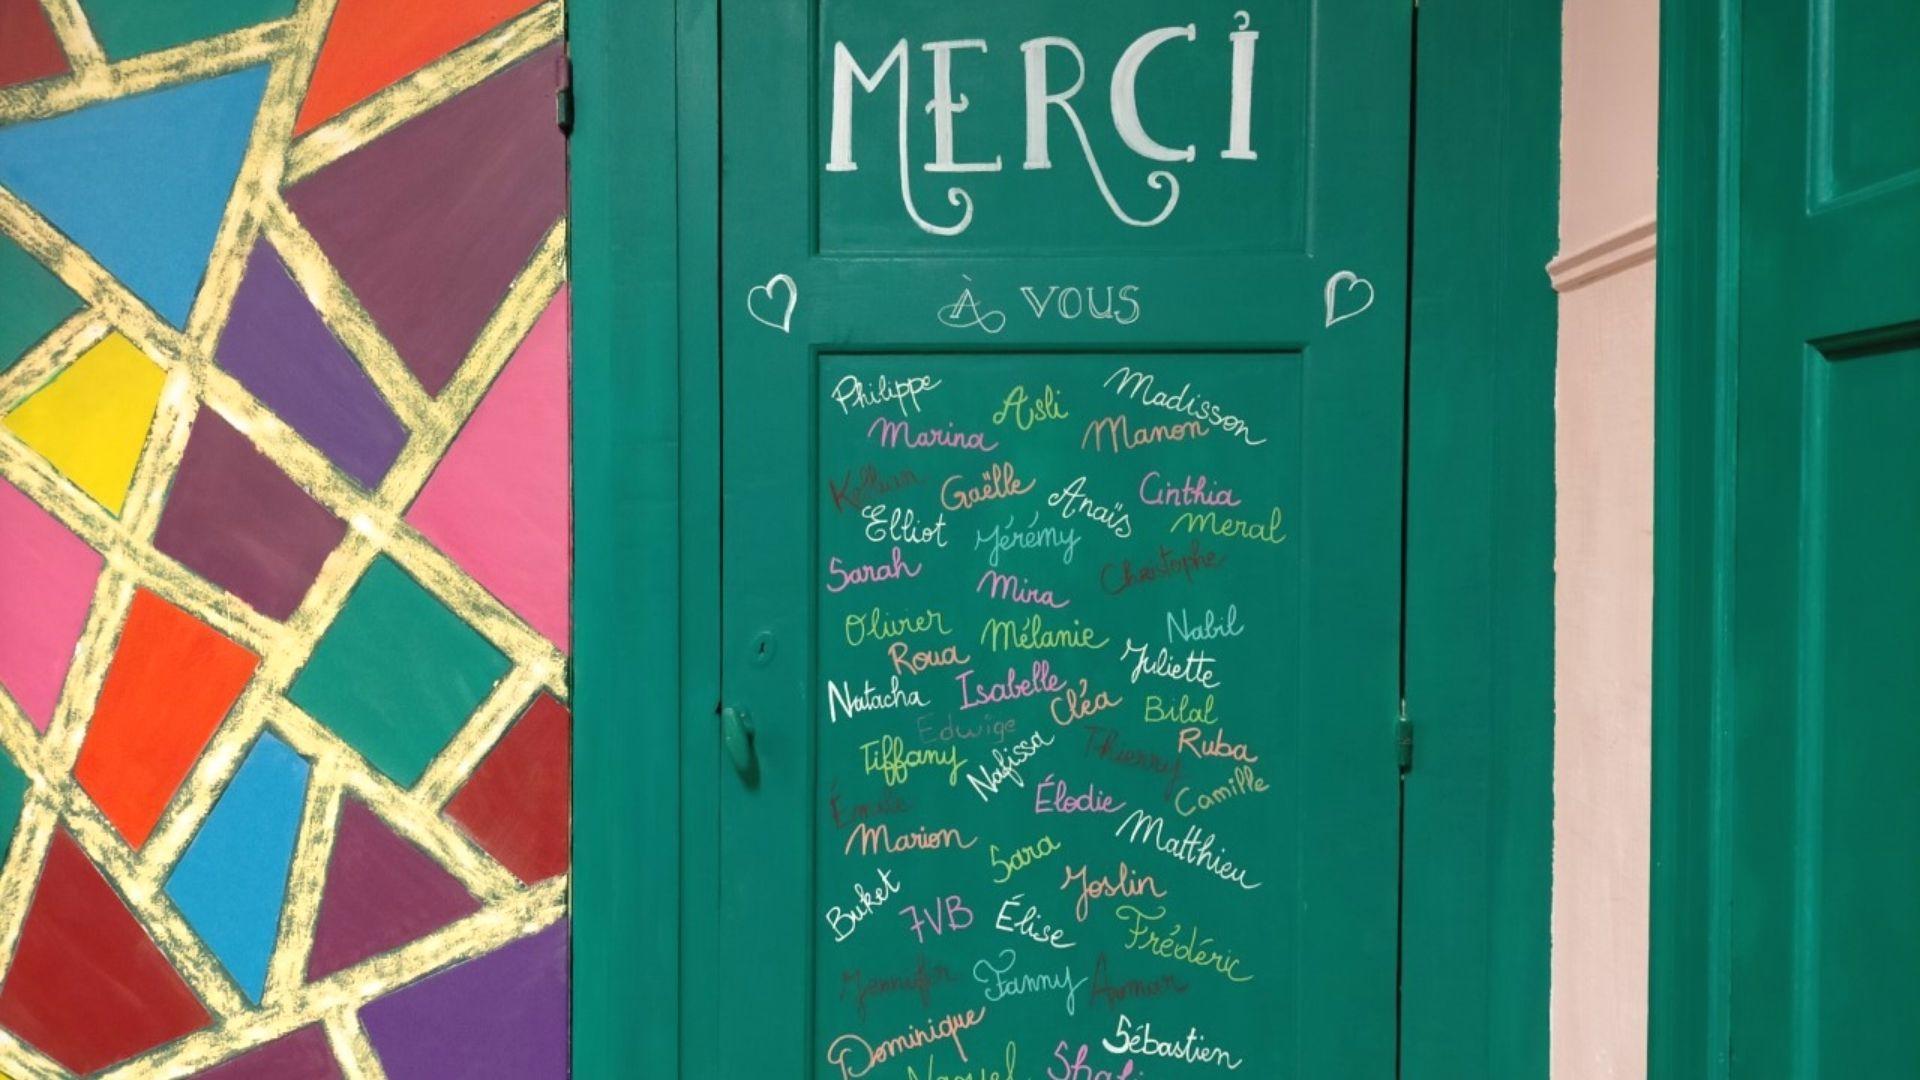 Mulhouse bienvenue à la friperie Péan : une collaboration dynamique qui a suscité l'engouement